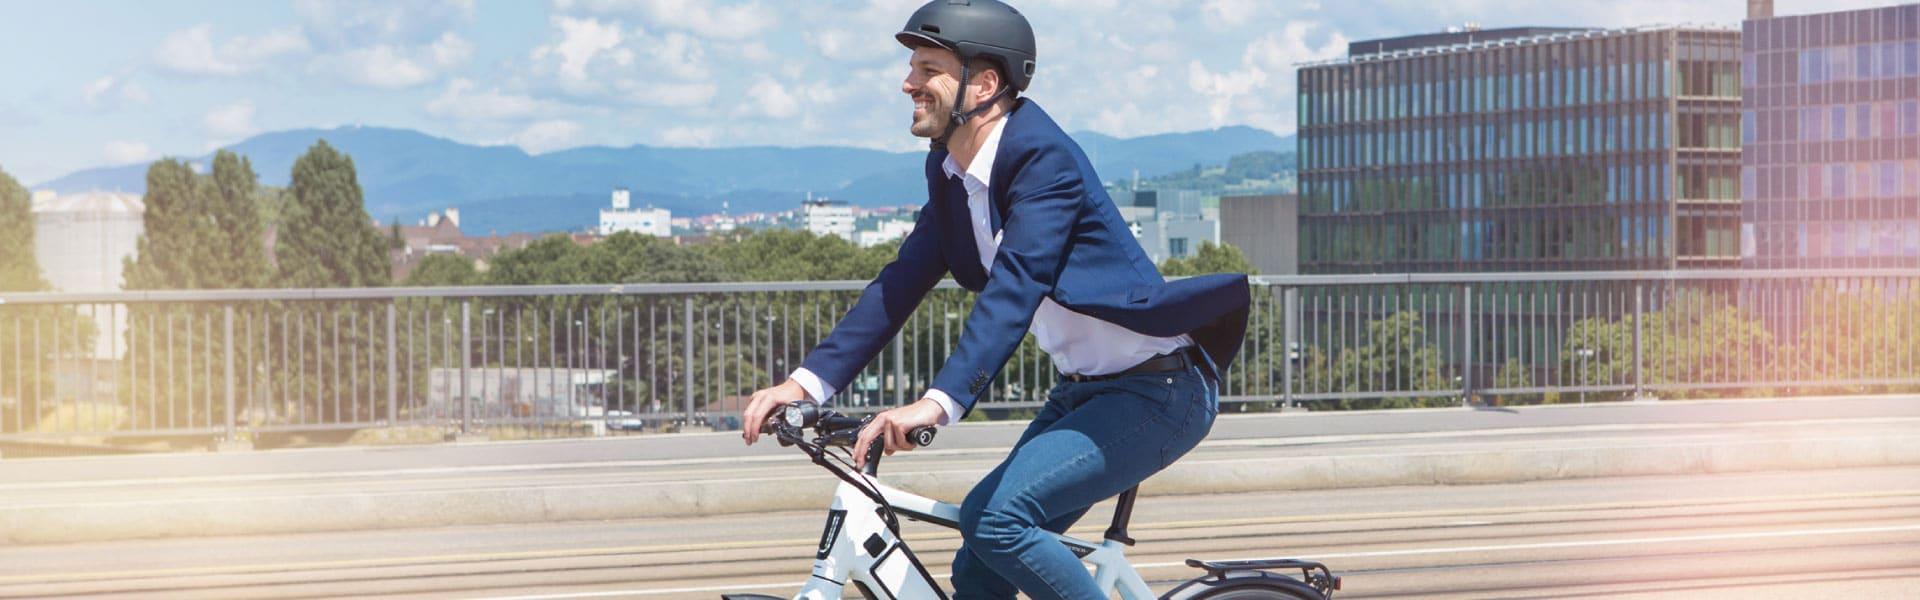 Mann fährt durch eine städtische Kulisse mit einem e-Bike